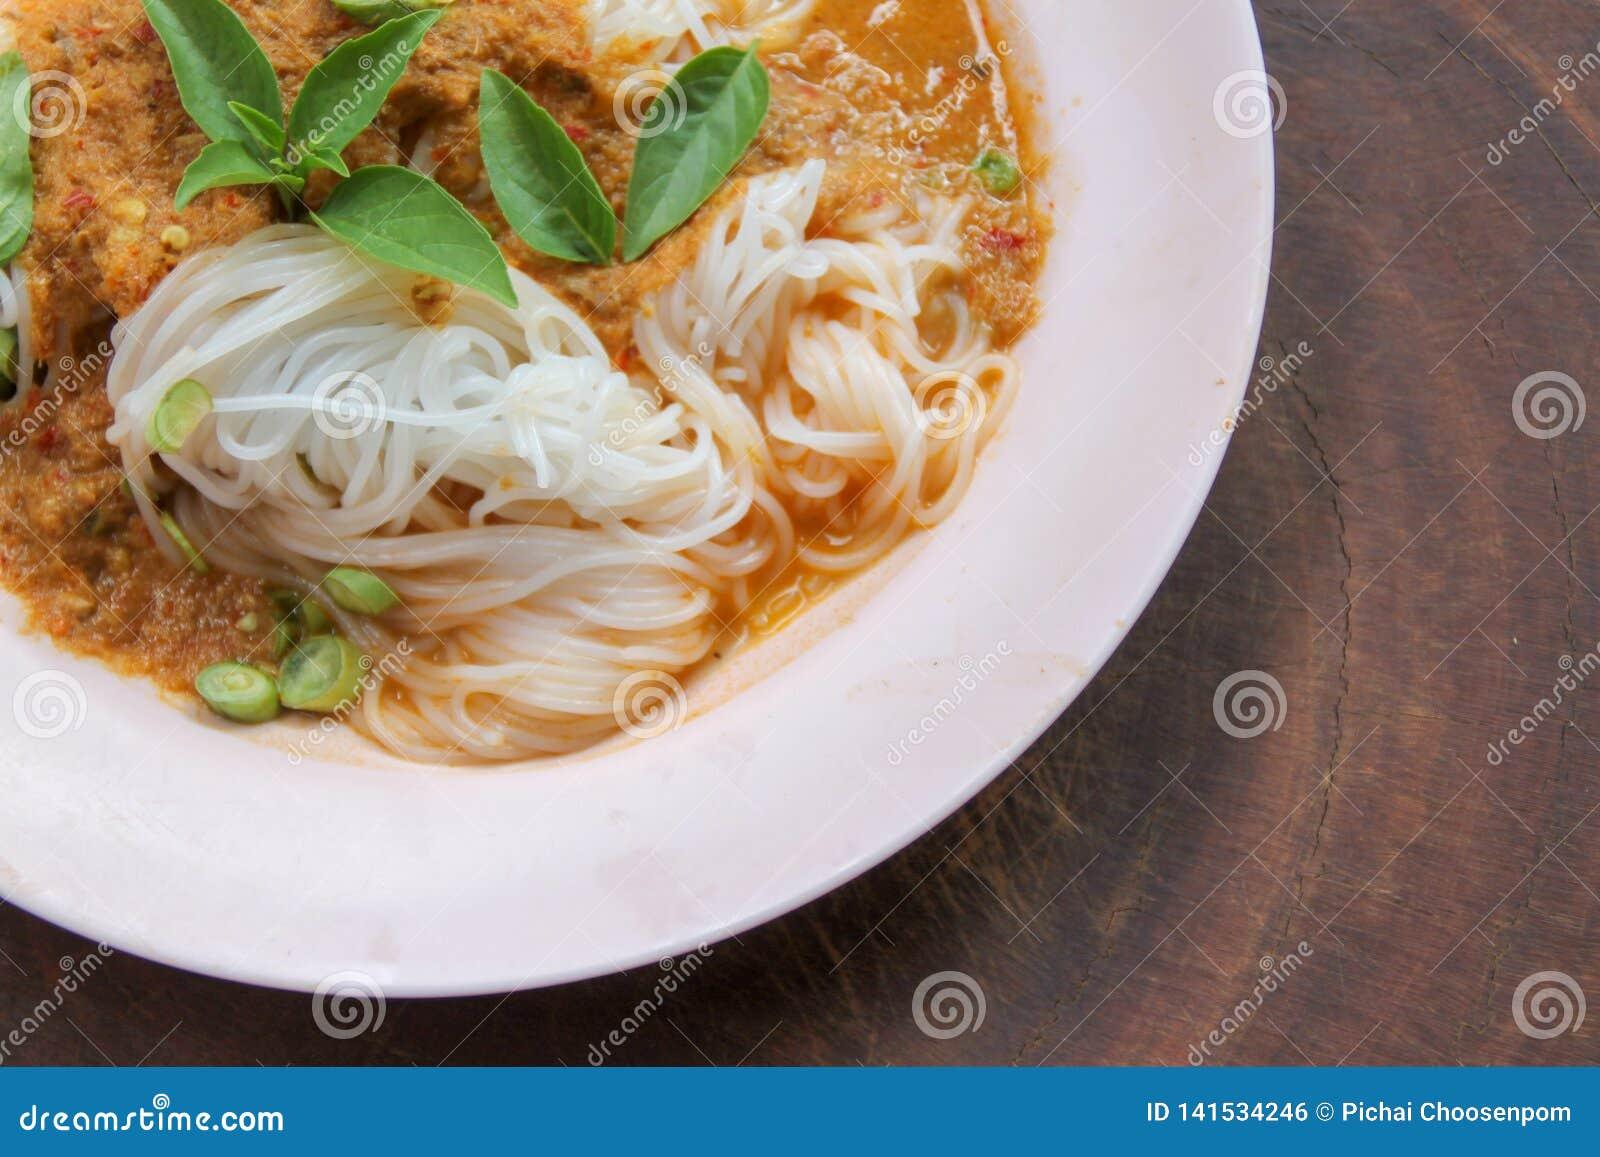 Gotowani Tajlandzcy ryżowi wermiszel, zazwyczaj jedzący z currymi i warzywem